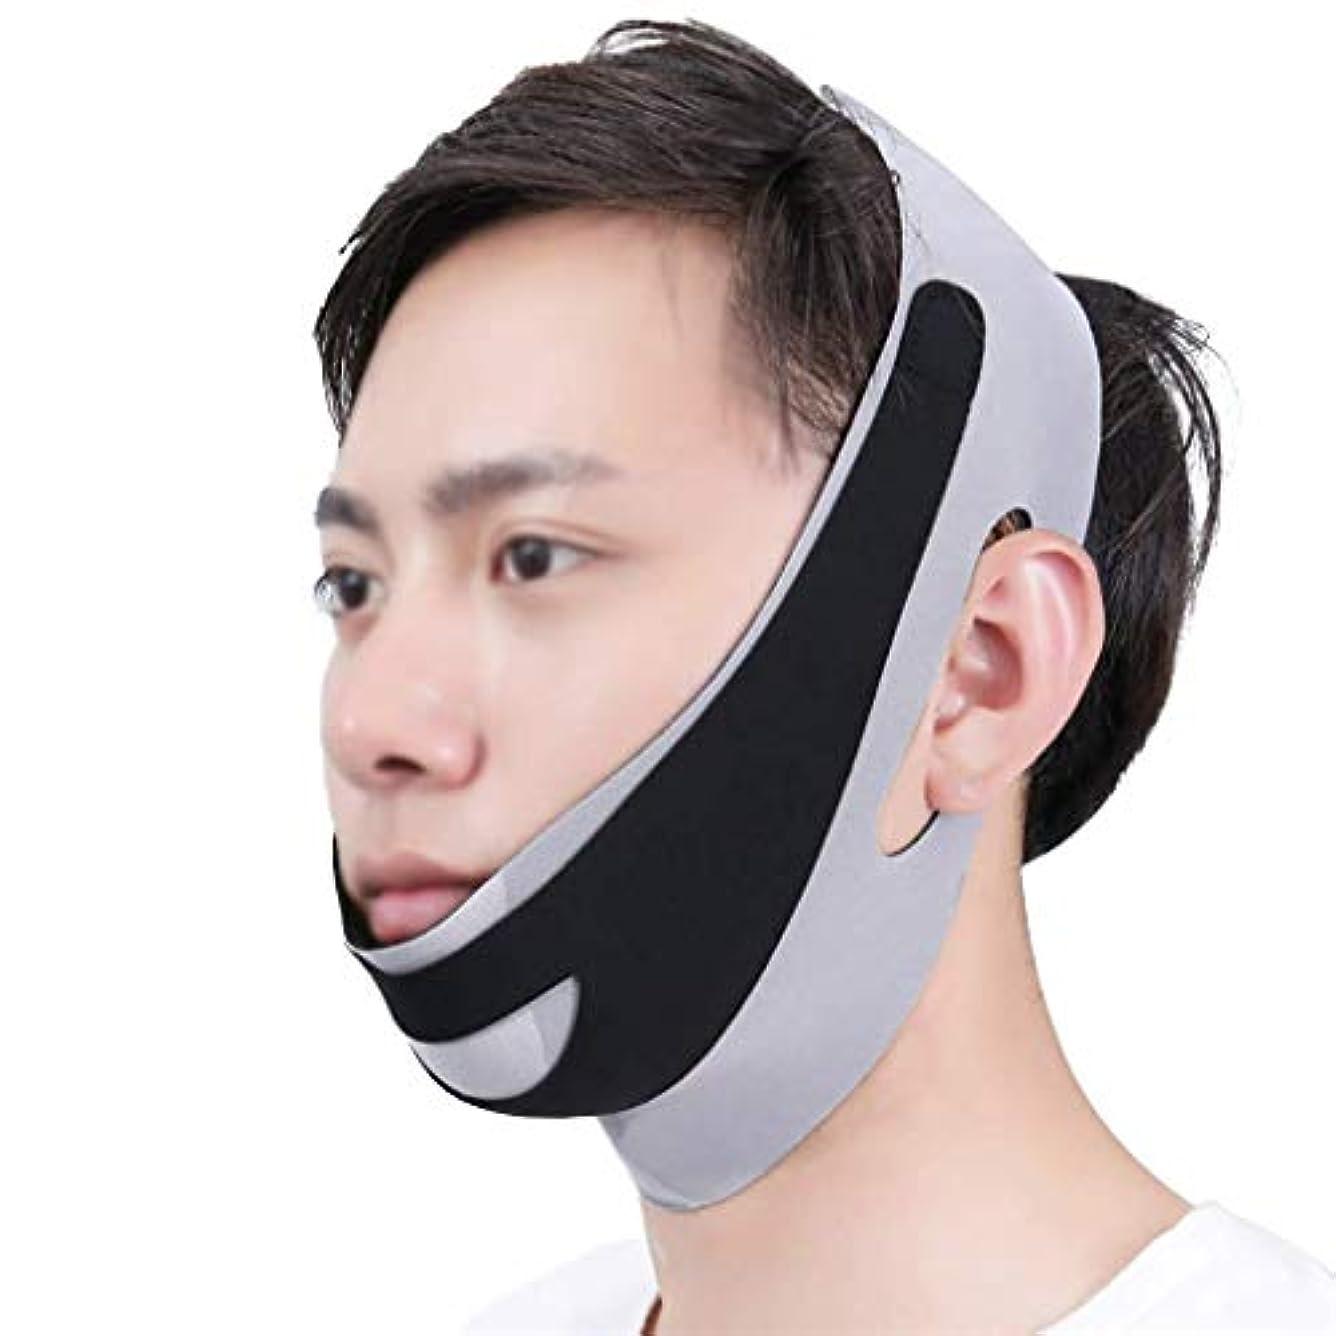 交換可能ずるい腹フェイスアンドネックリフト術後弾性フェイスマスク小さなV顔アーティファクト薄い顔包帯アーティファクトV顔ぶら下げ耳リフティング引き締め男性の顔アーティファクト